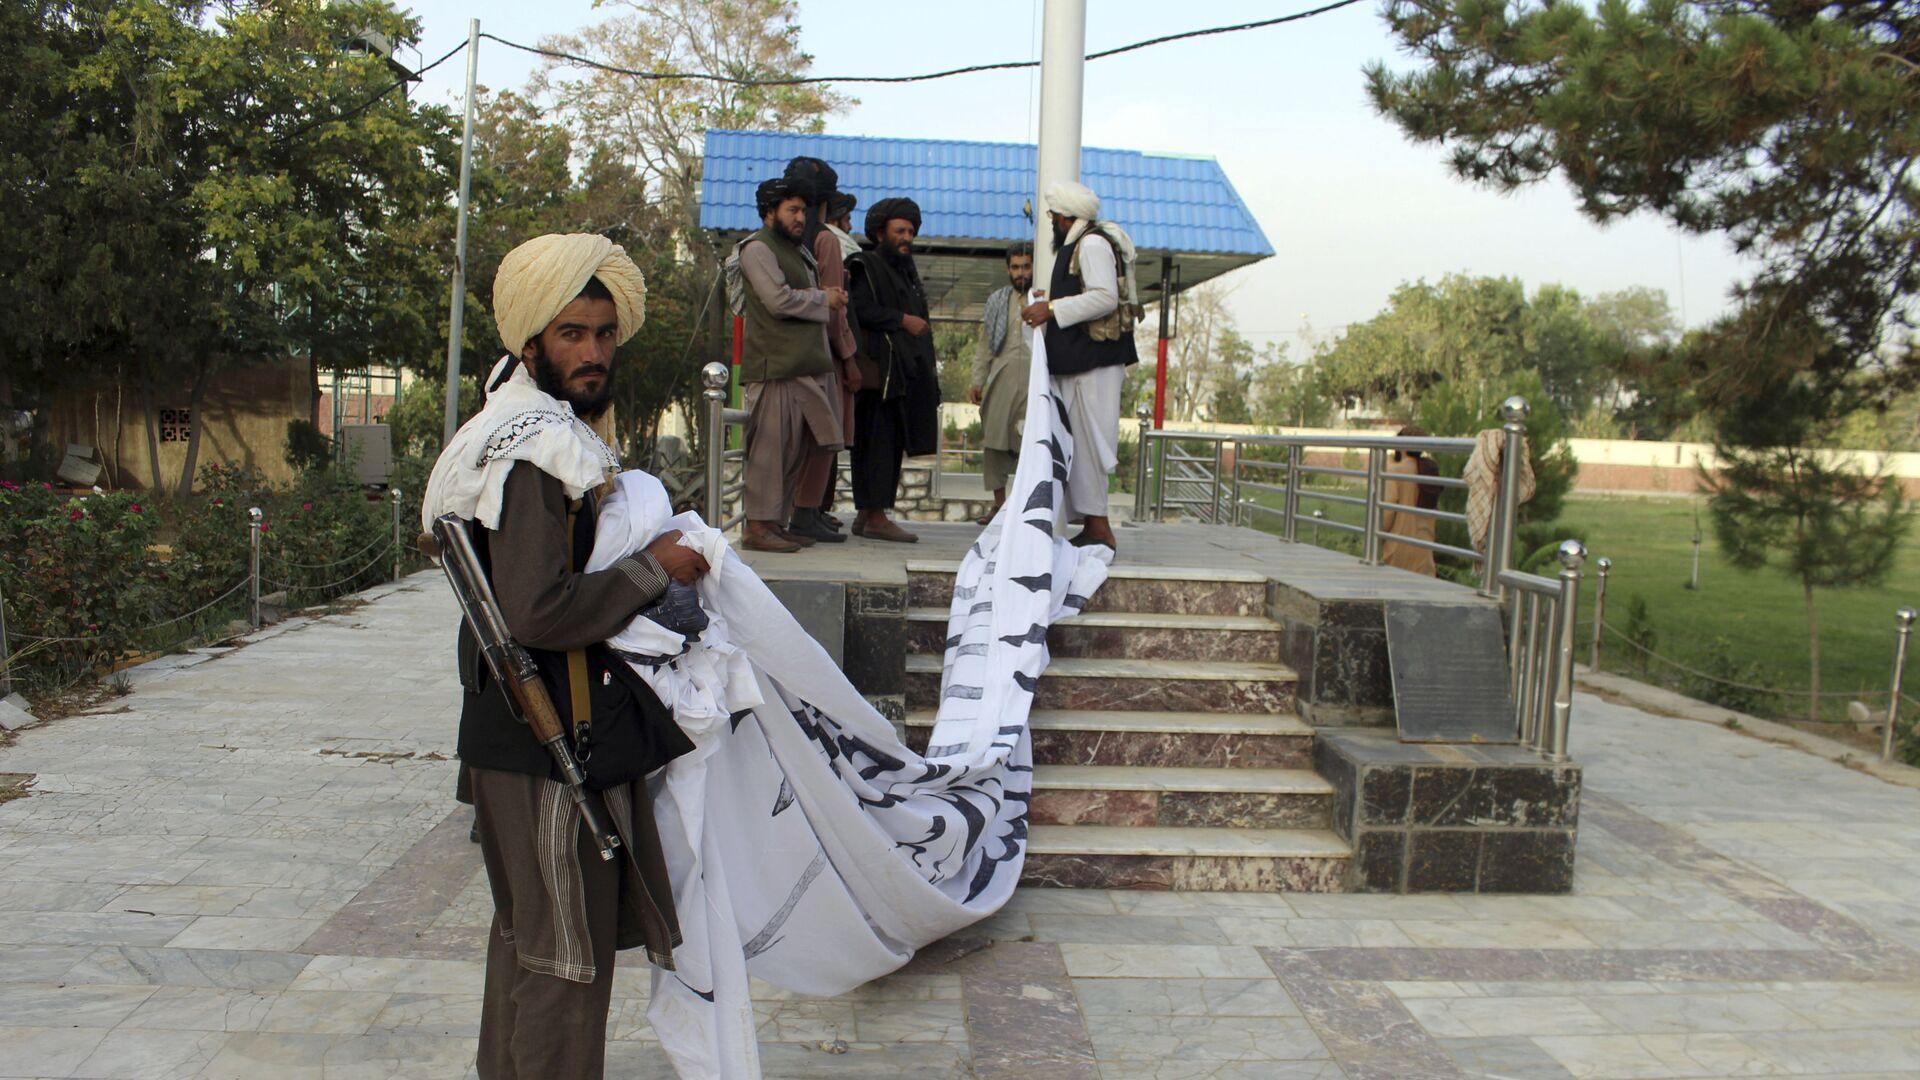 Боевики Талибан* поднимают свой флаг в городе Газни  - Sputnik Mundo, 1920, 01.09.2021